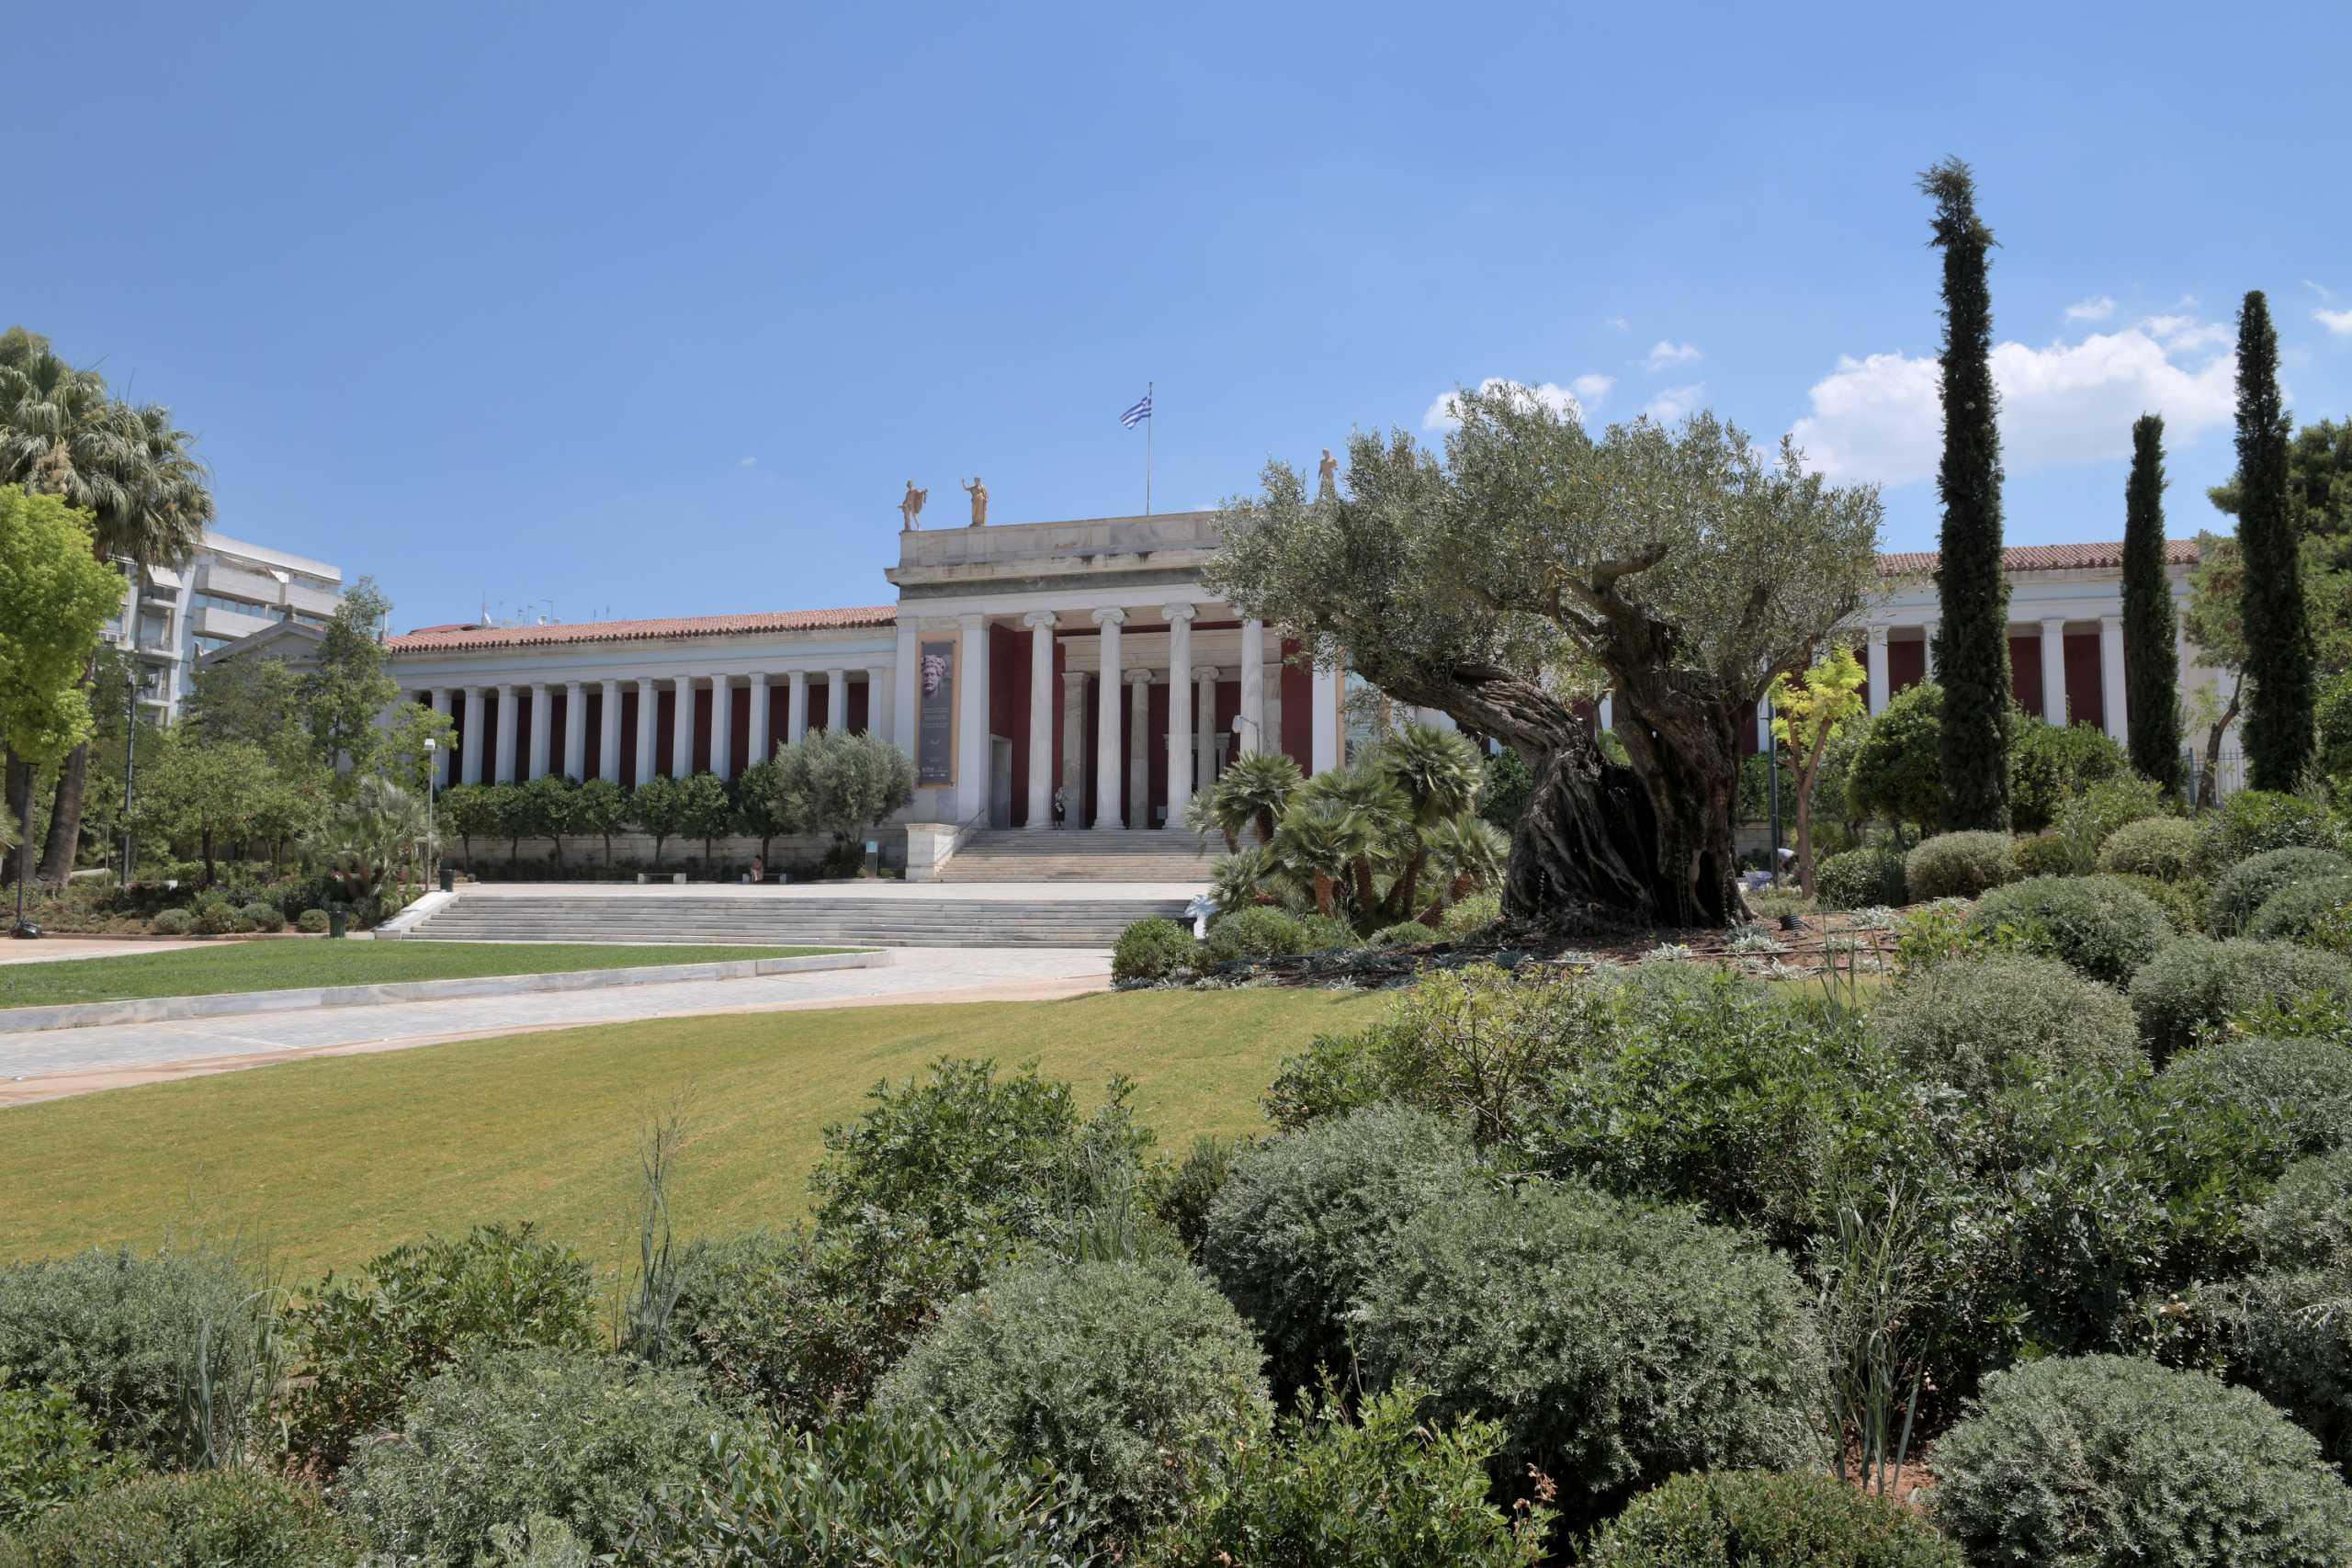 Εθνικό Αρχαιολογικό Μουσείο: Έκτακτη αλλαγή του ωραρίου λειτουργίας του την Τρίτη (12.10)